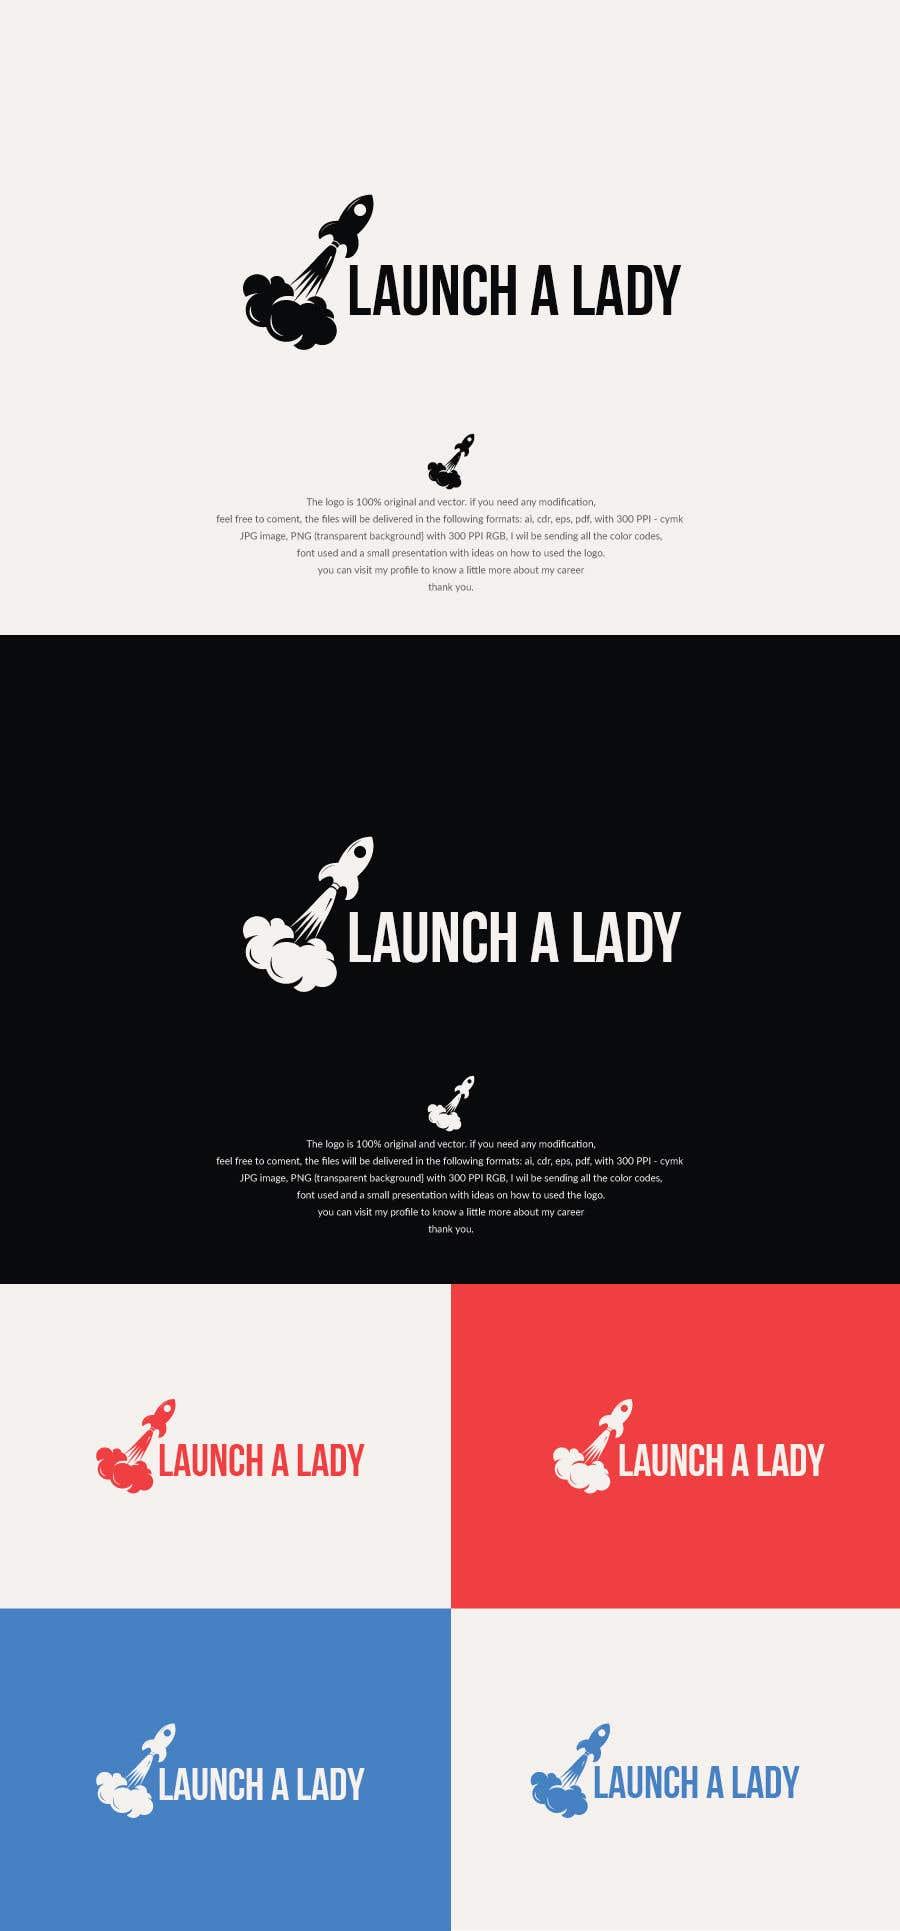 Kilpailutyö #41 kilpailussa logo for launch a lady